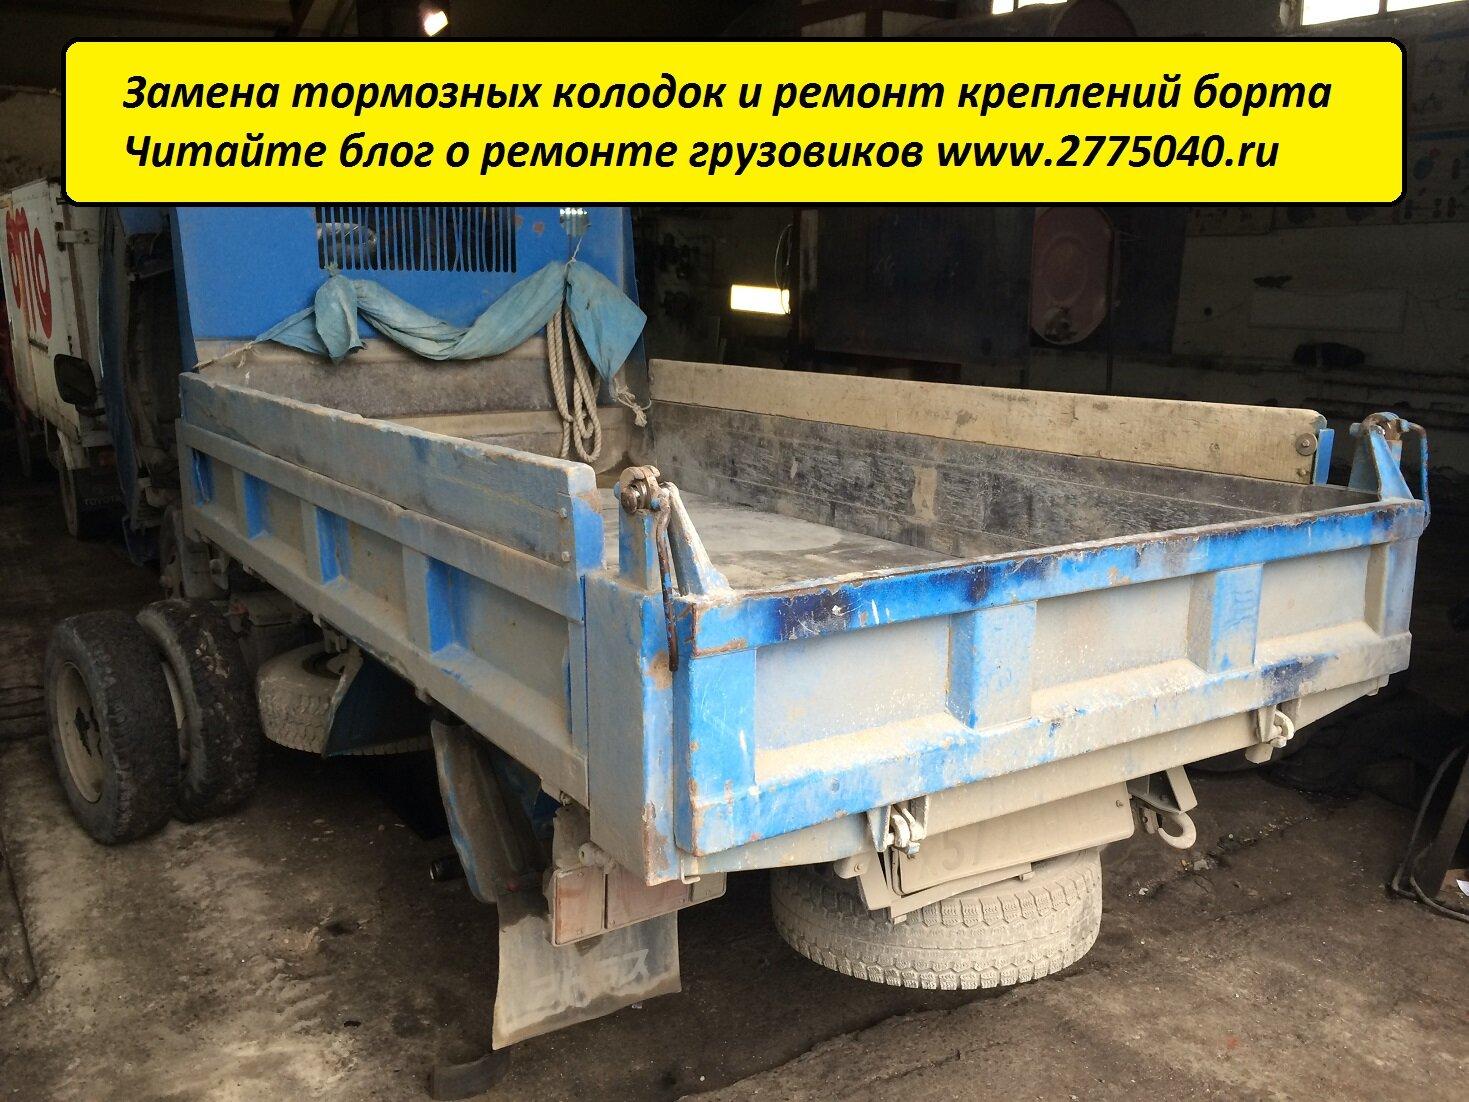 Замена тормозных колодок и ремонт креплений заднего борта. Автосерви Первый. Владивосток